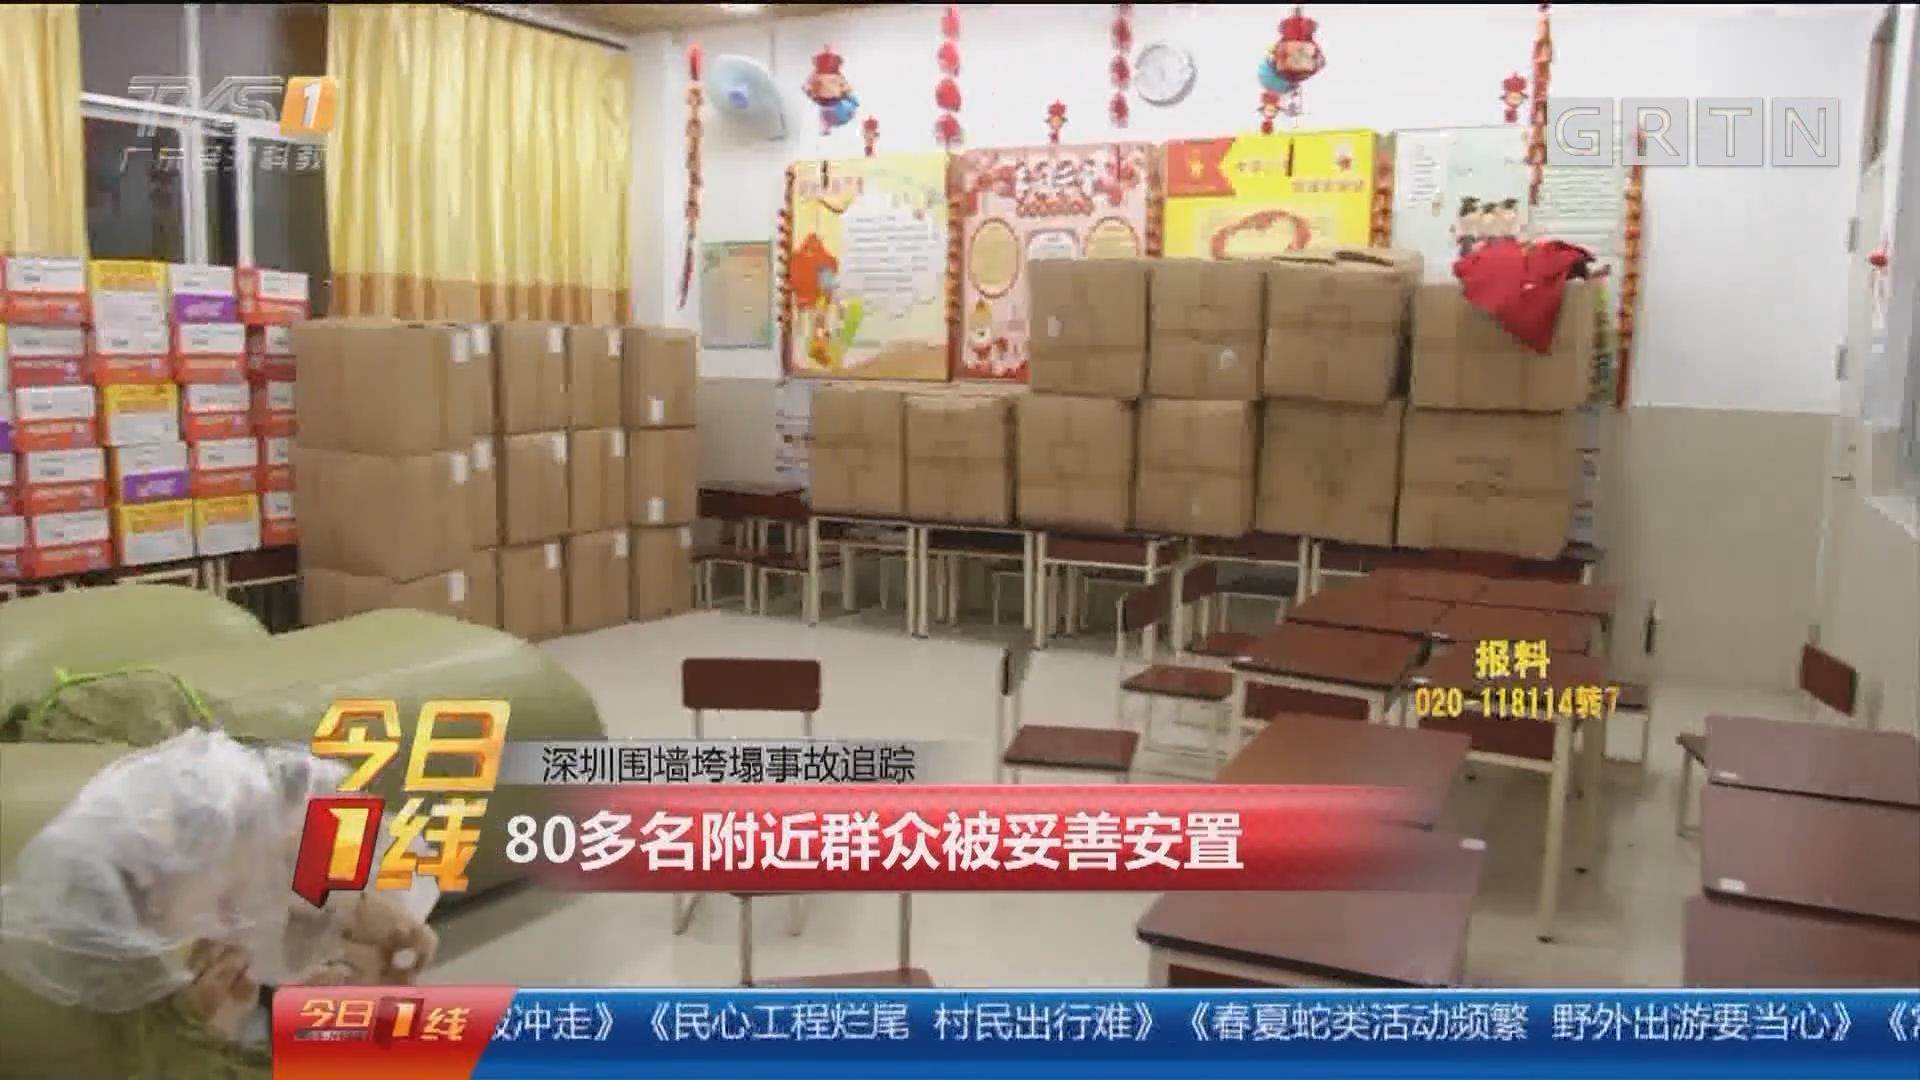 深圳围墙垮塌事故追踪:80多名附近群众被妥善安置